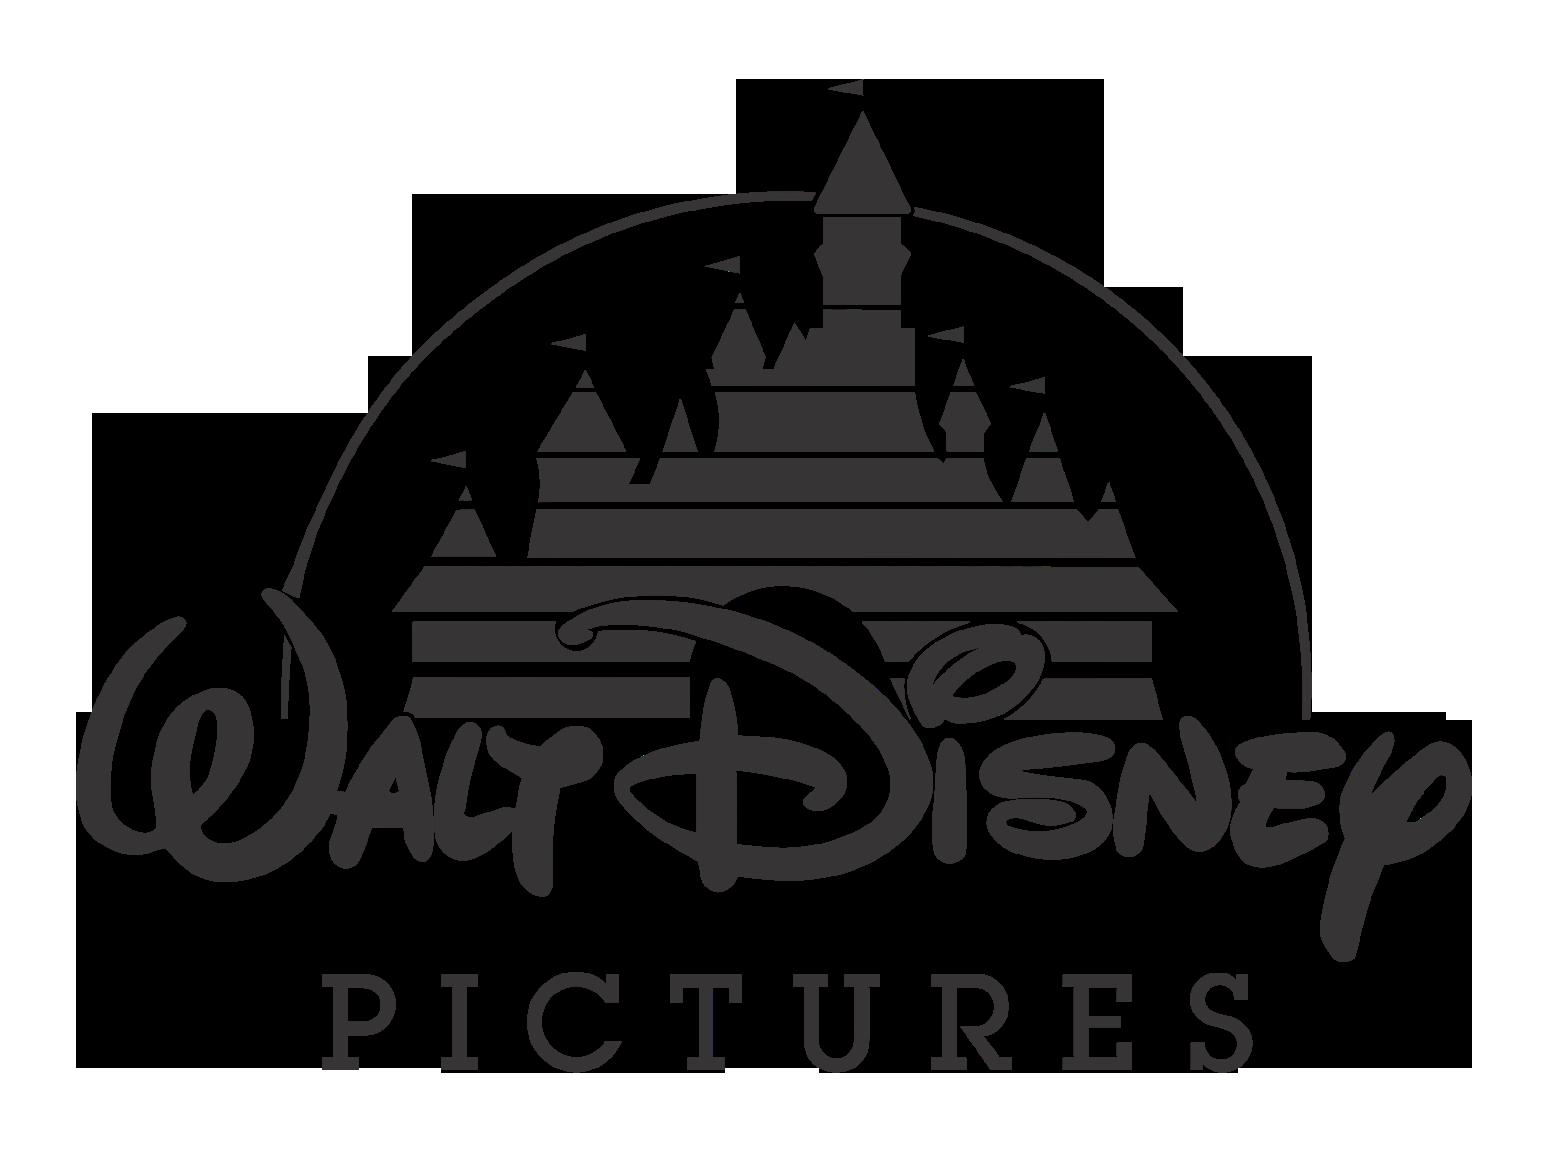 Walt Disney Pictures Logo Png Image Walt Disney Pictures Disney Castle Logo Walt Disney